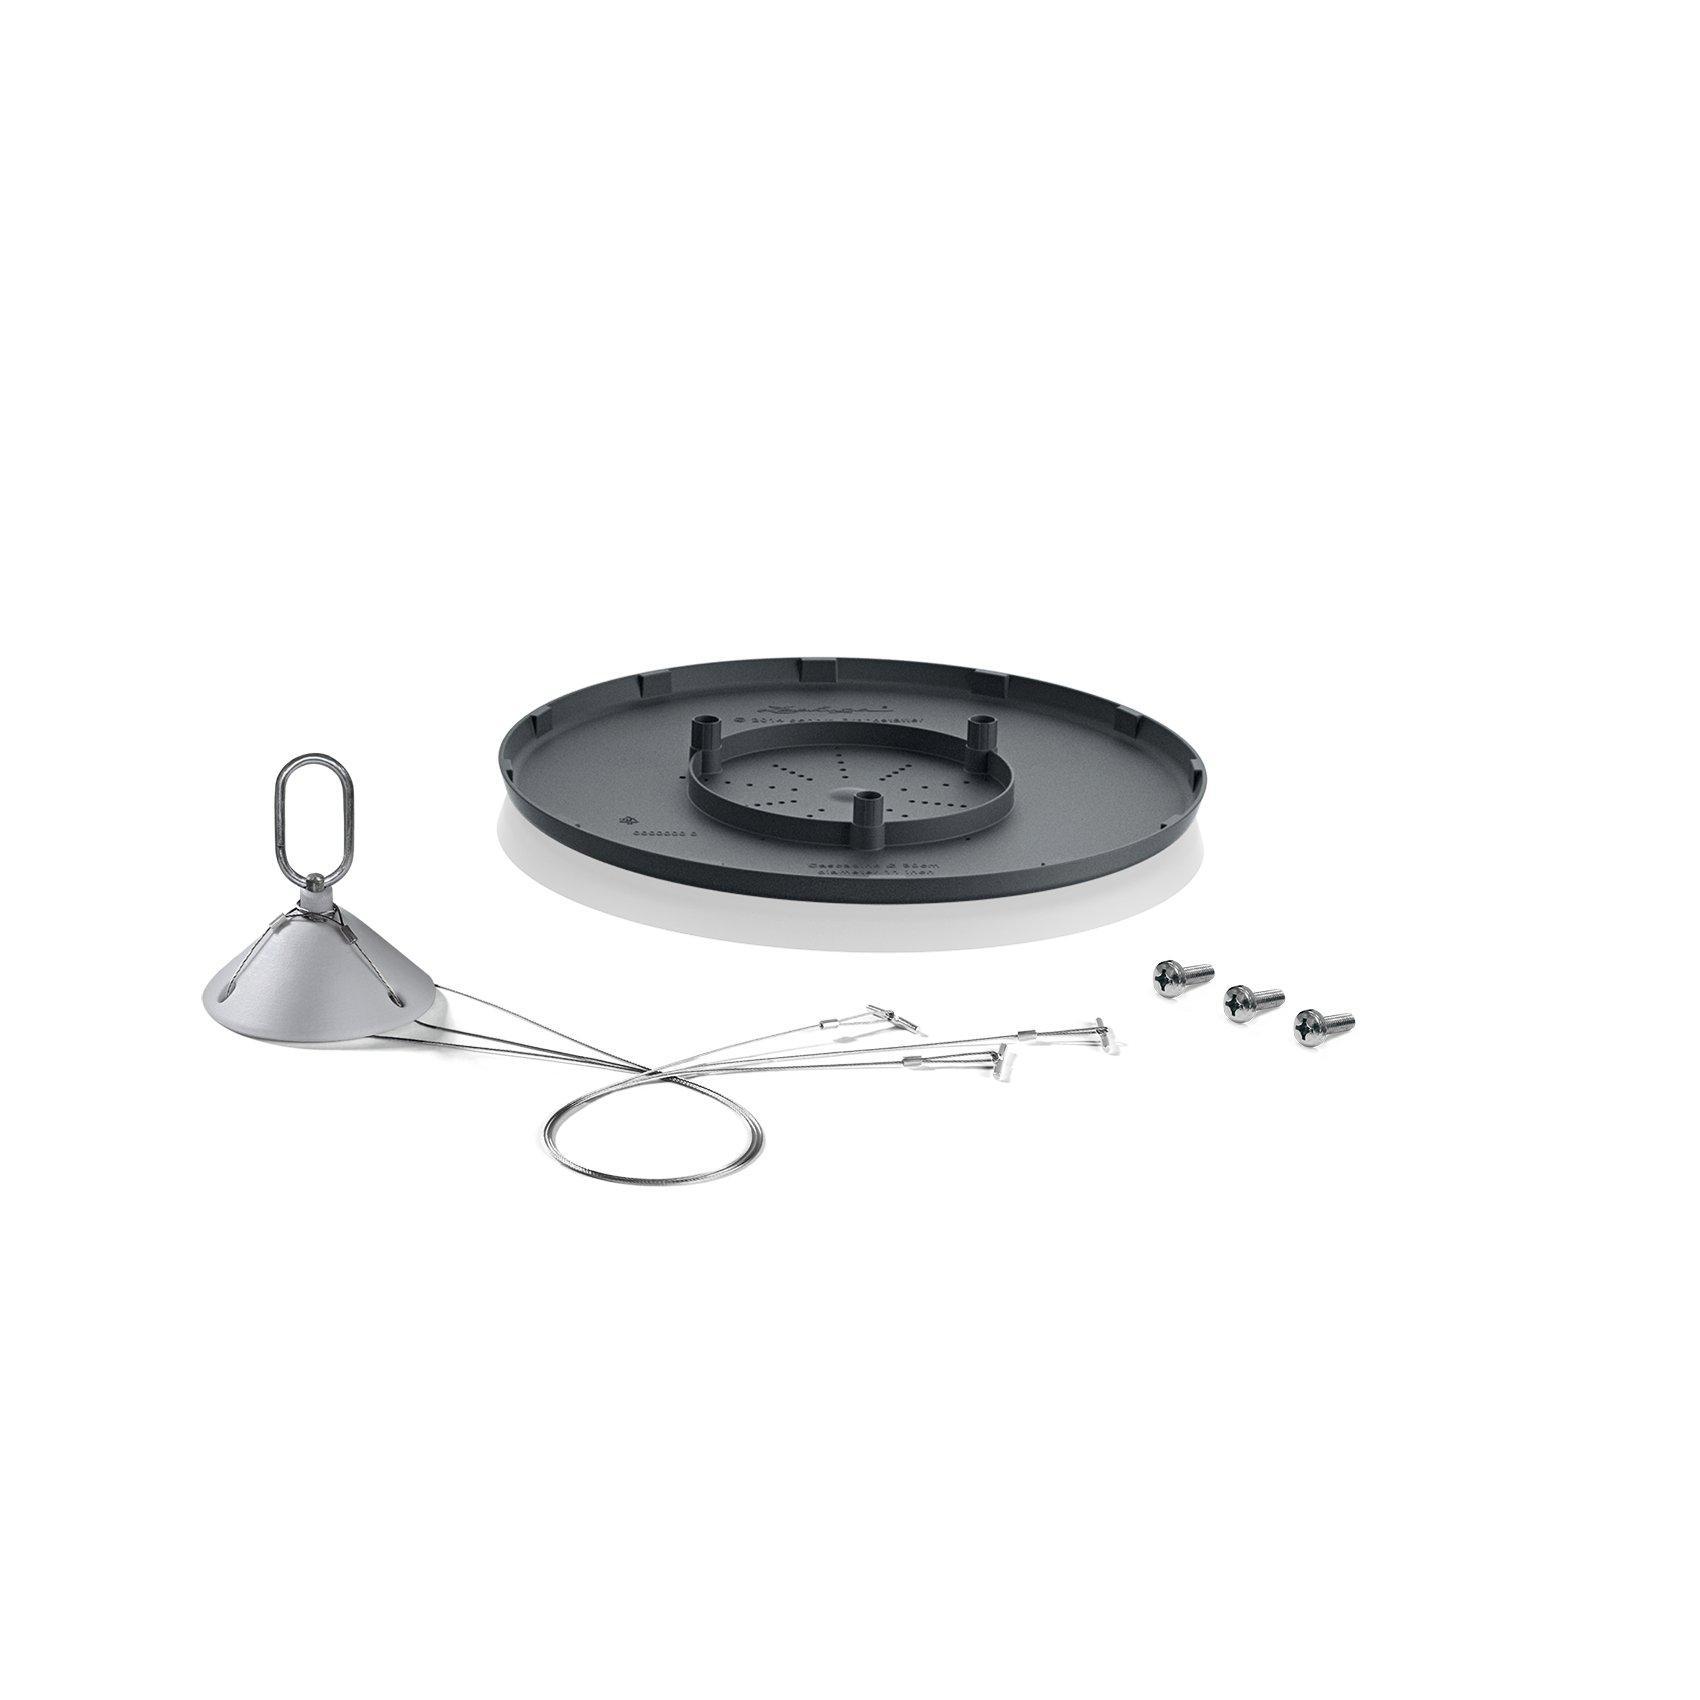 CASCADINO suspension accessory slate